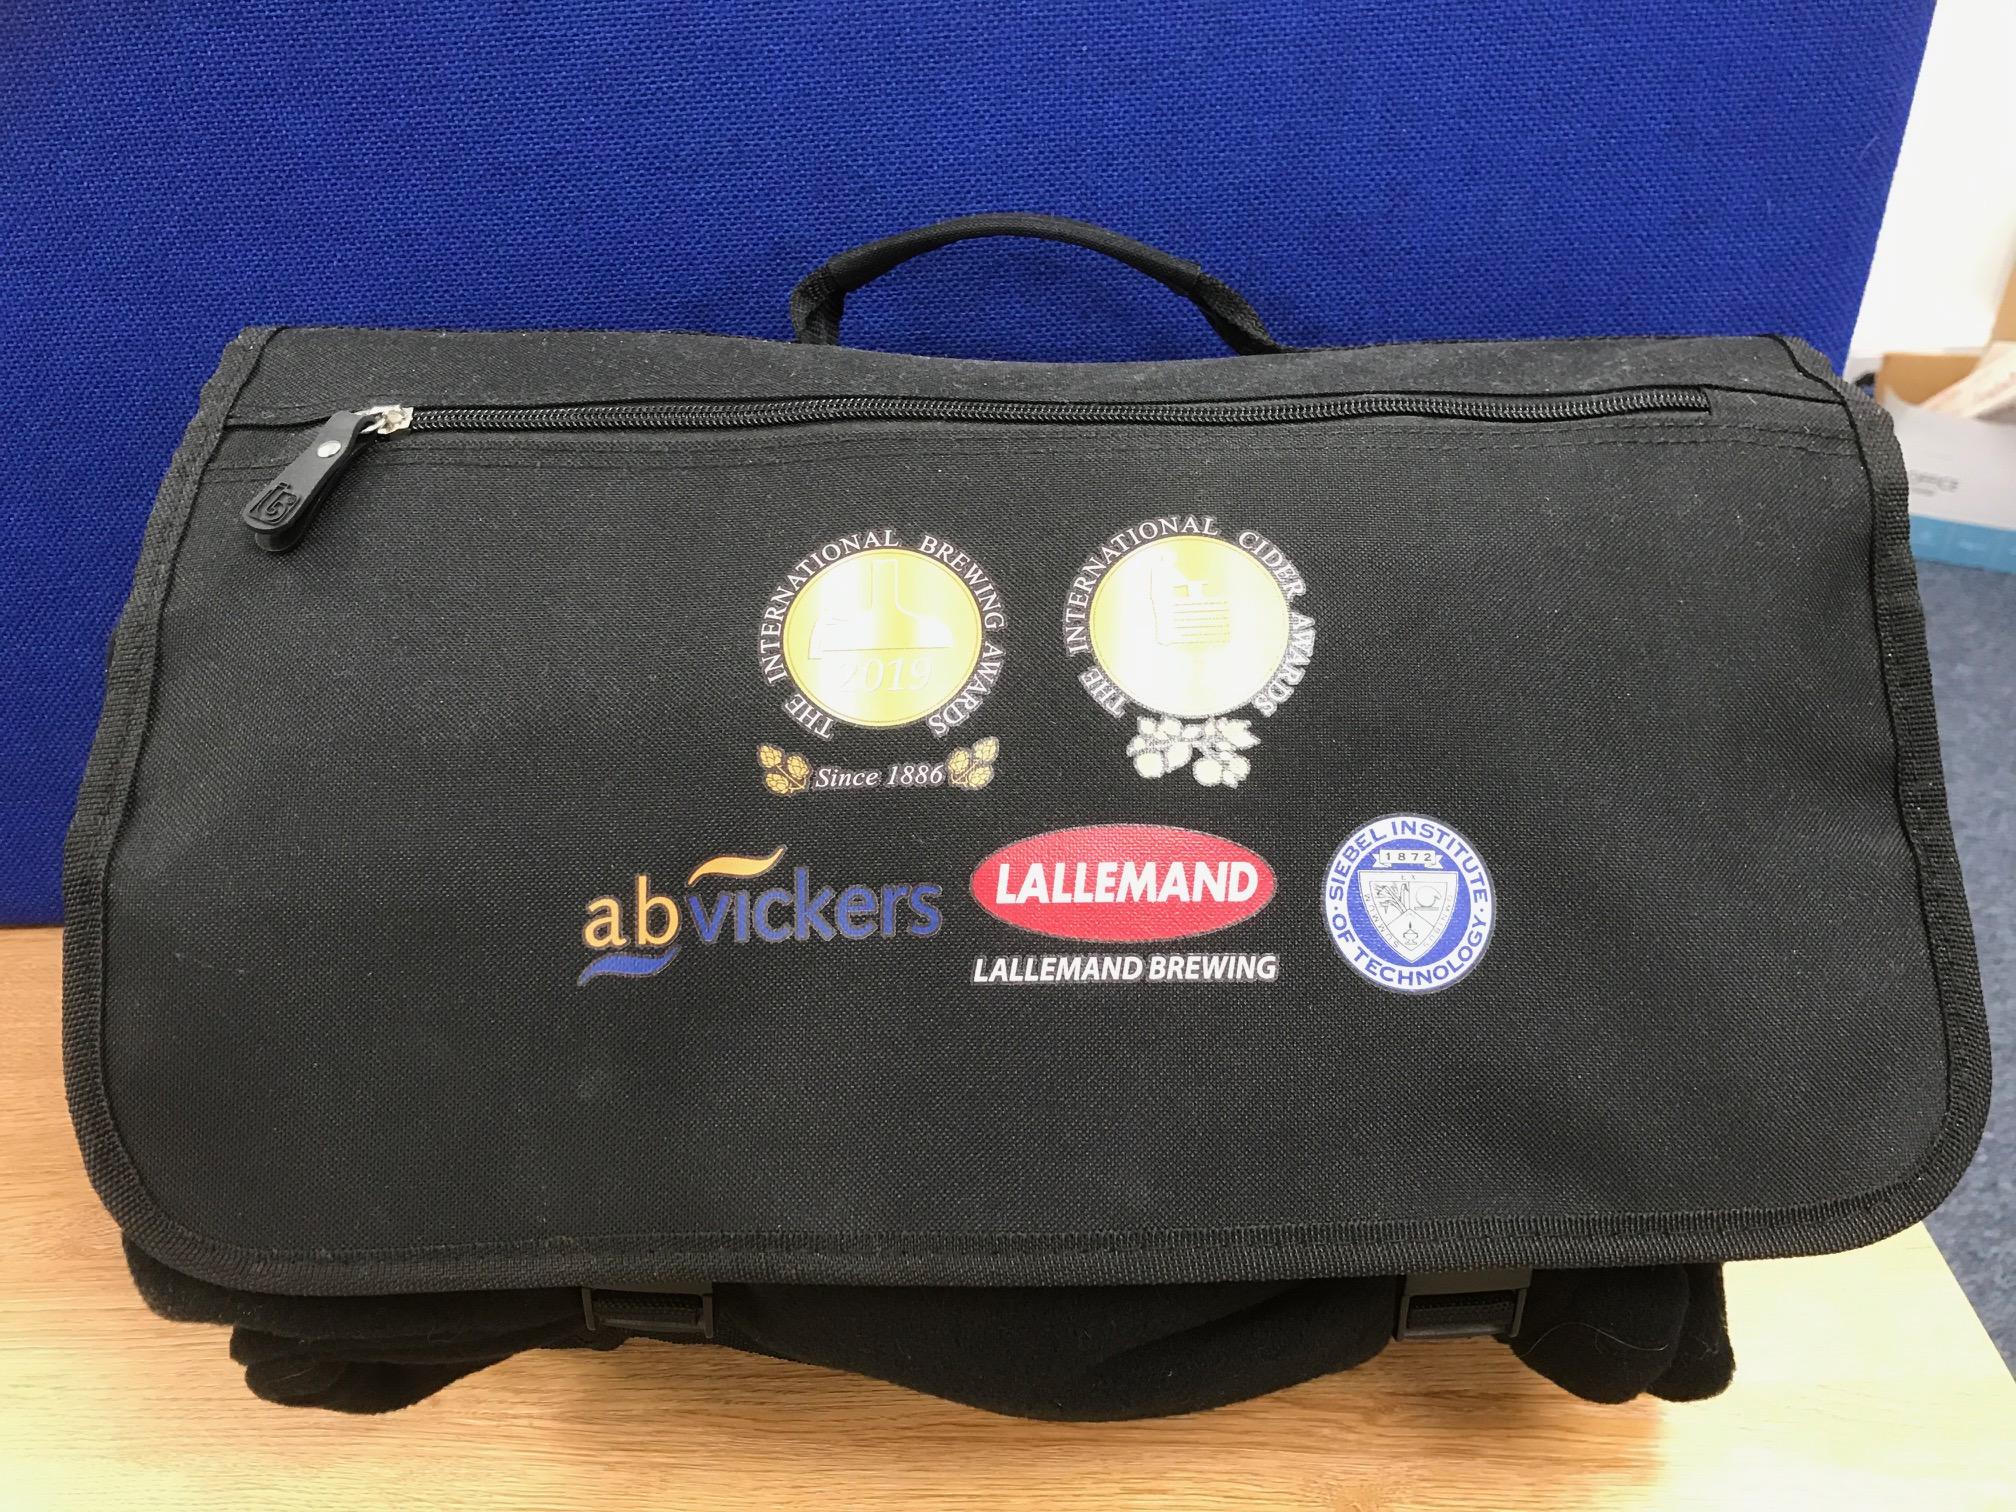 AB Vickers Bag